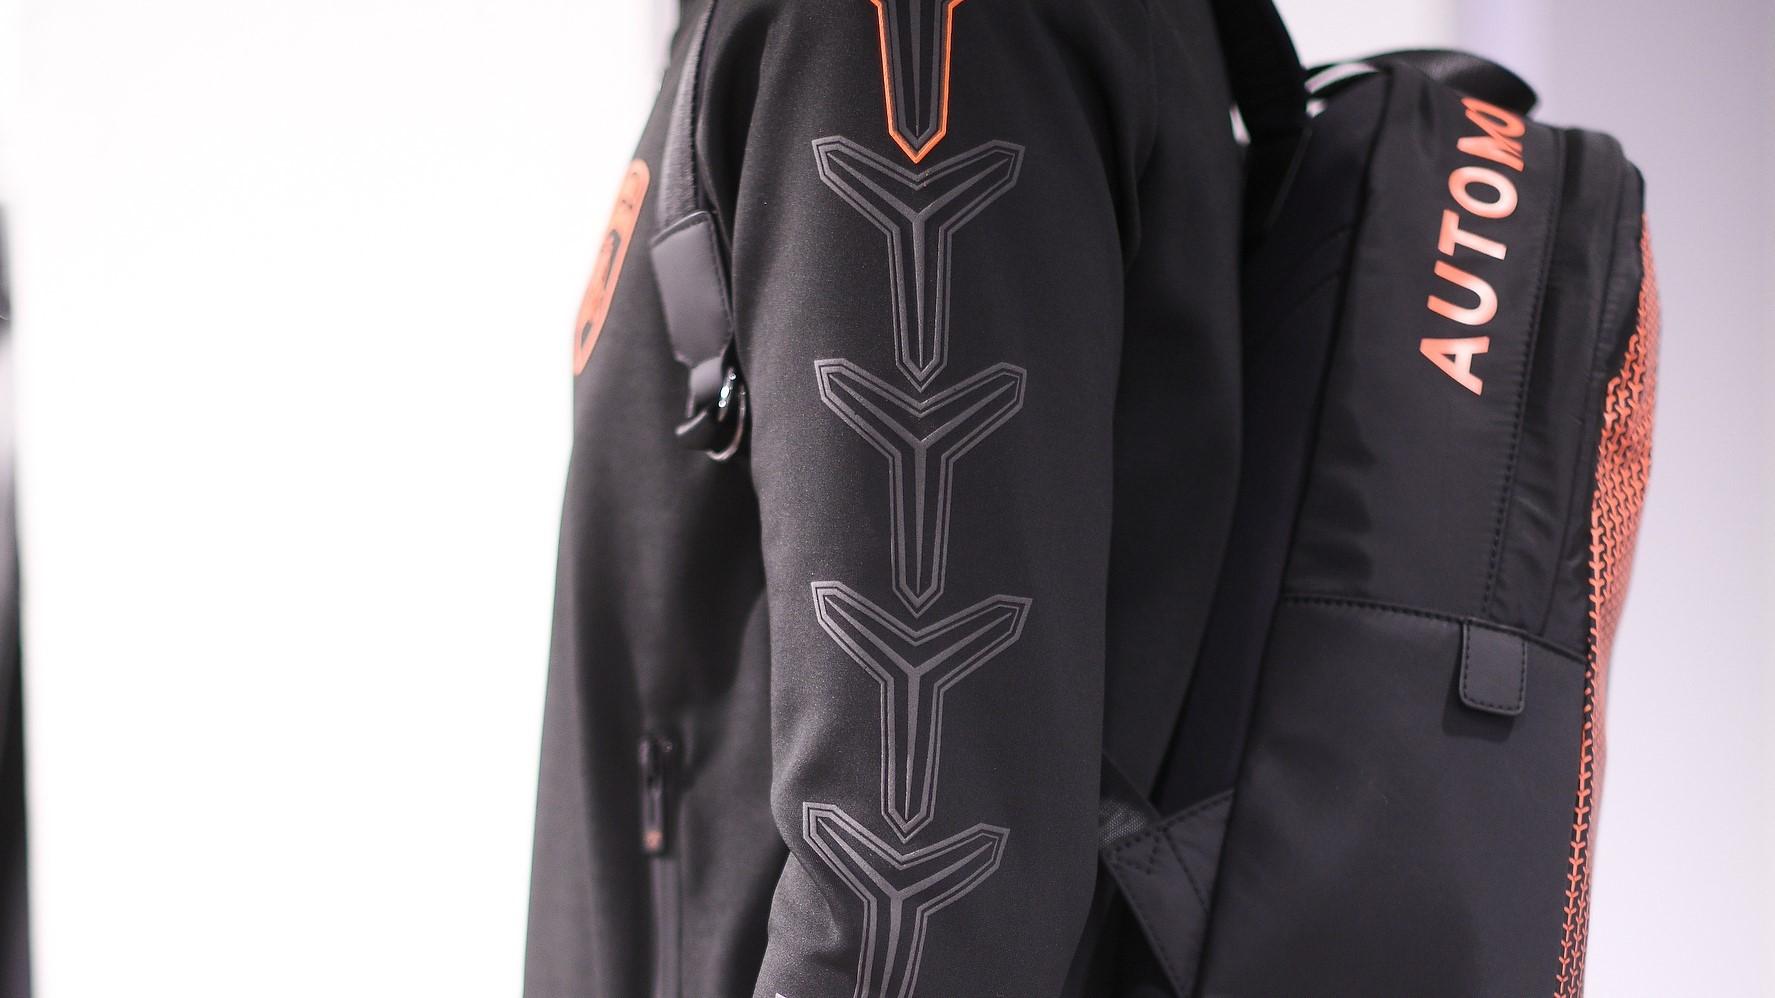 Automobili Lamborghini Menswear Collection Fall Winter 2020 – 2021 at PITTI Uomo 97 - Image 8